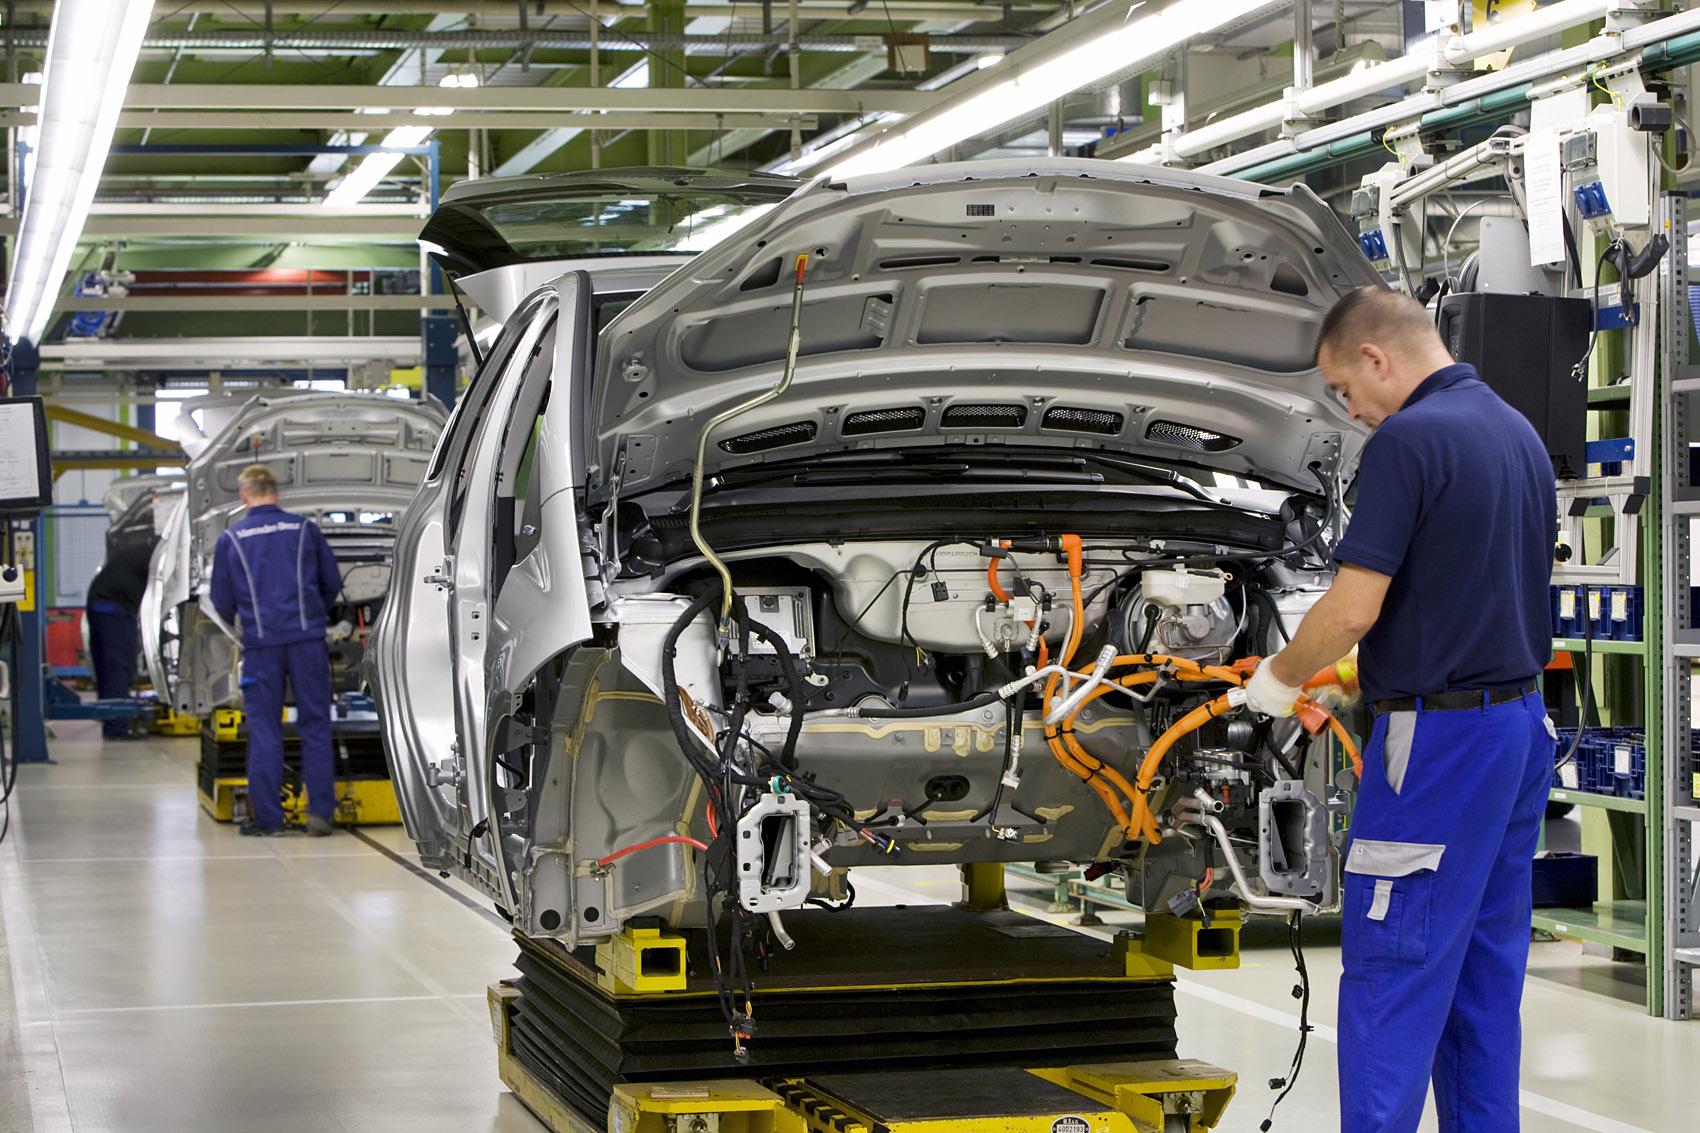 Otomotiv sektöründe makine tasarım